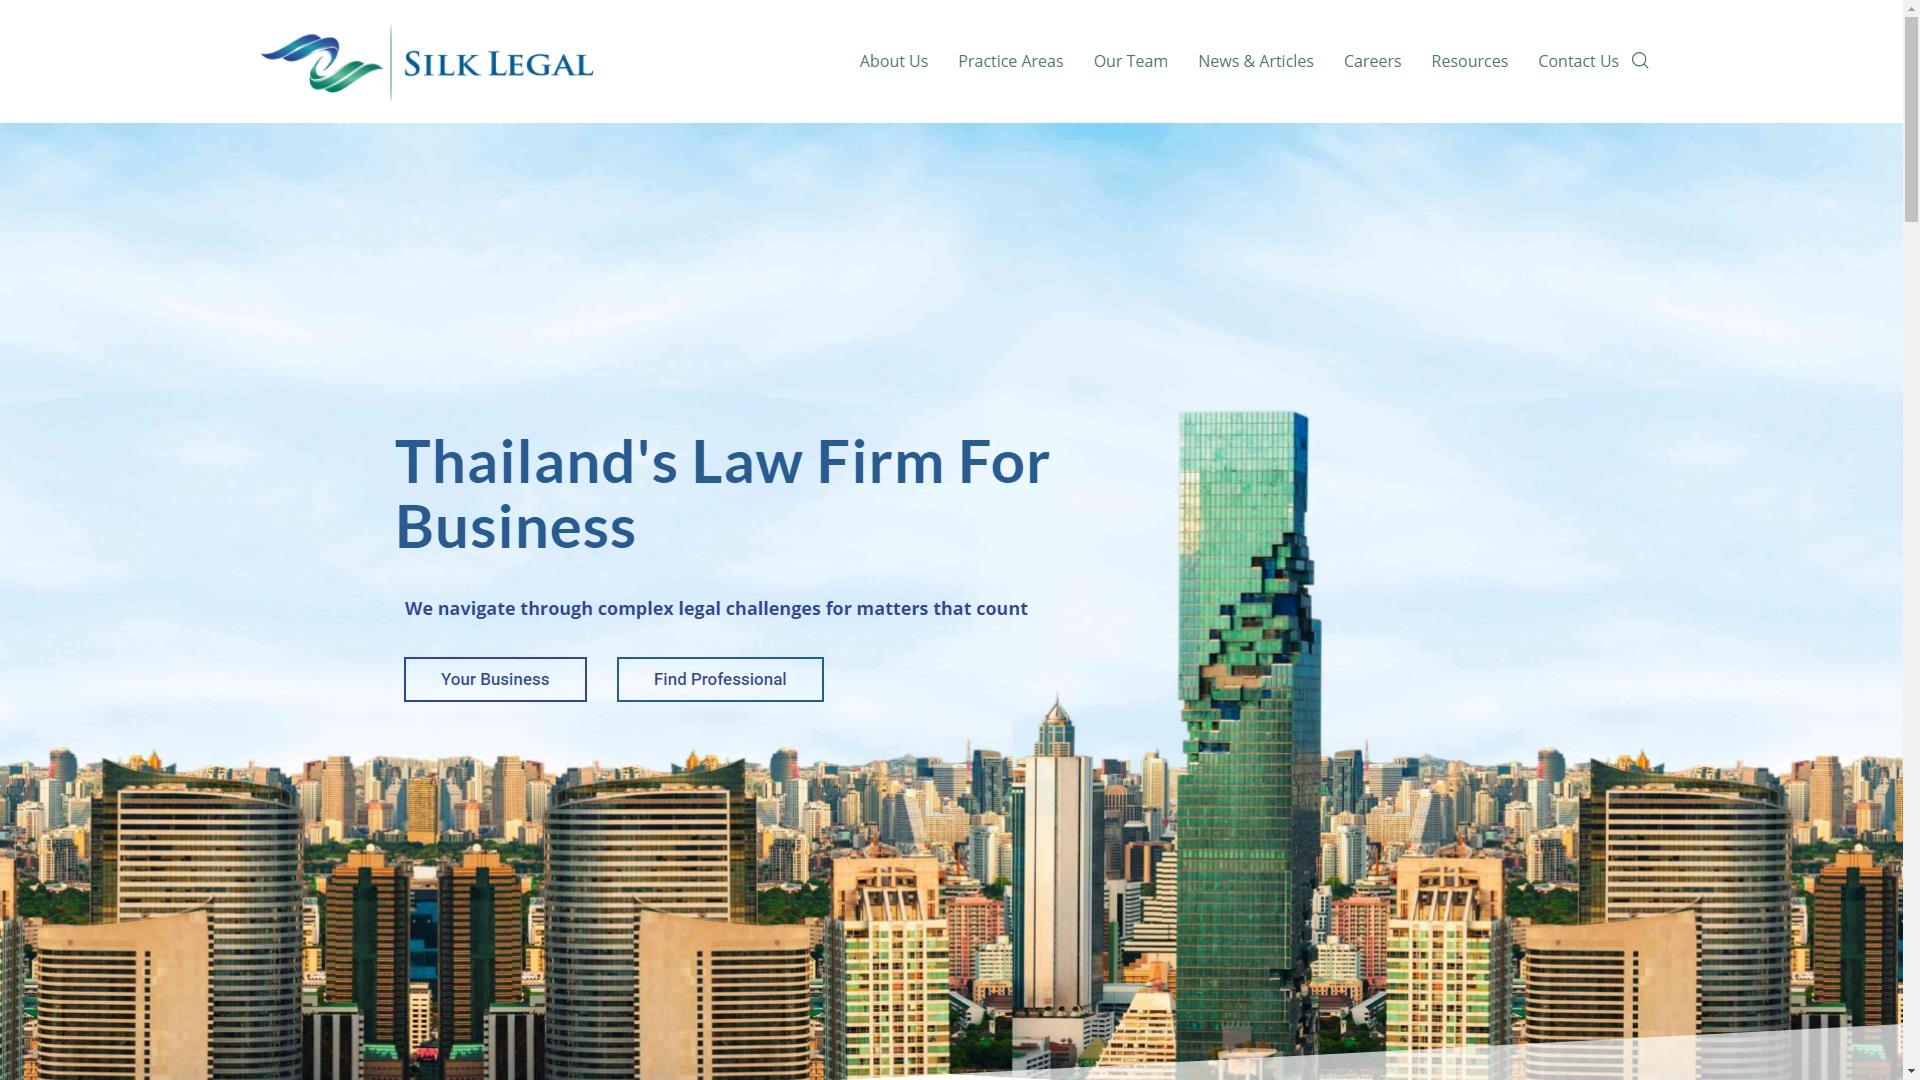 Silk legal portfolio image